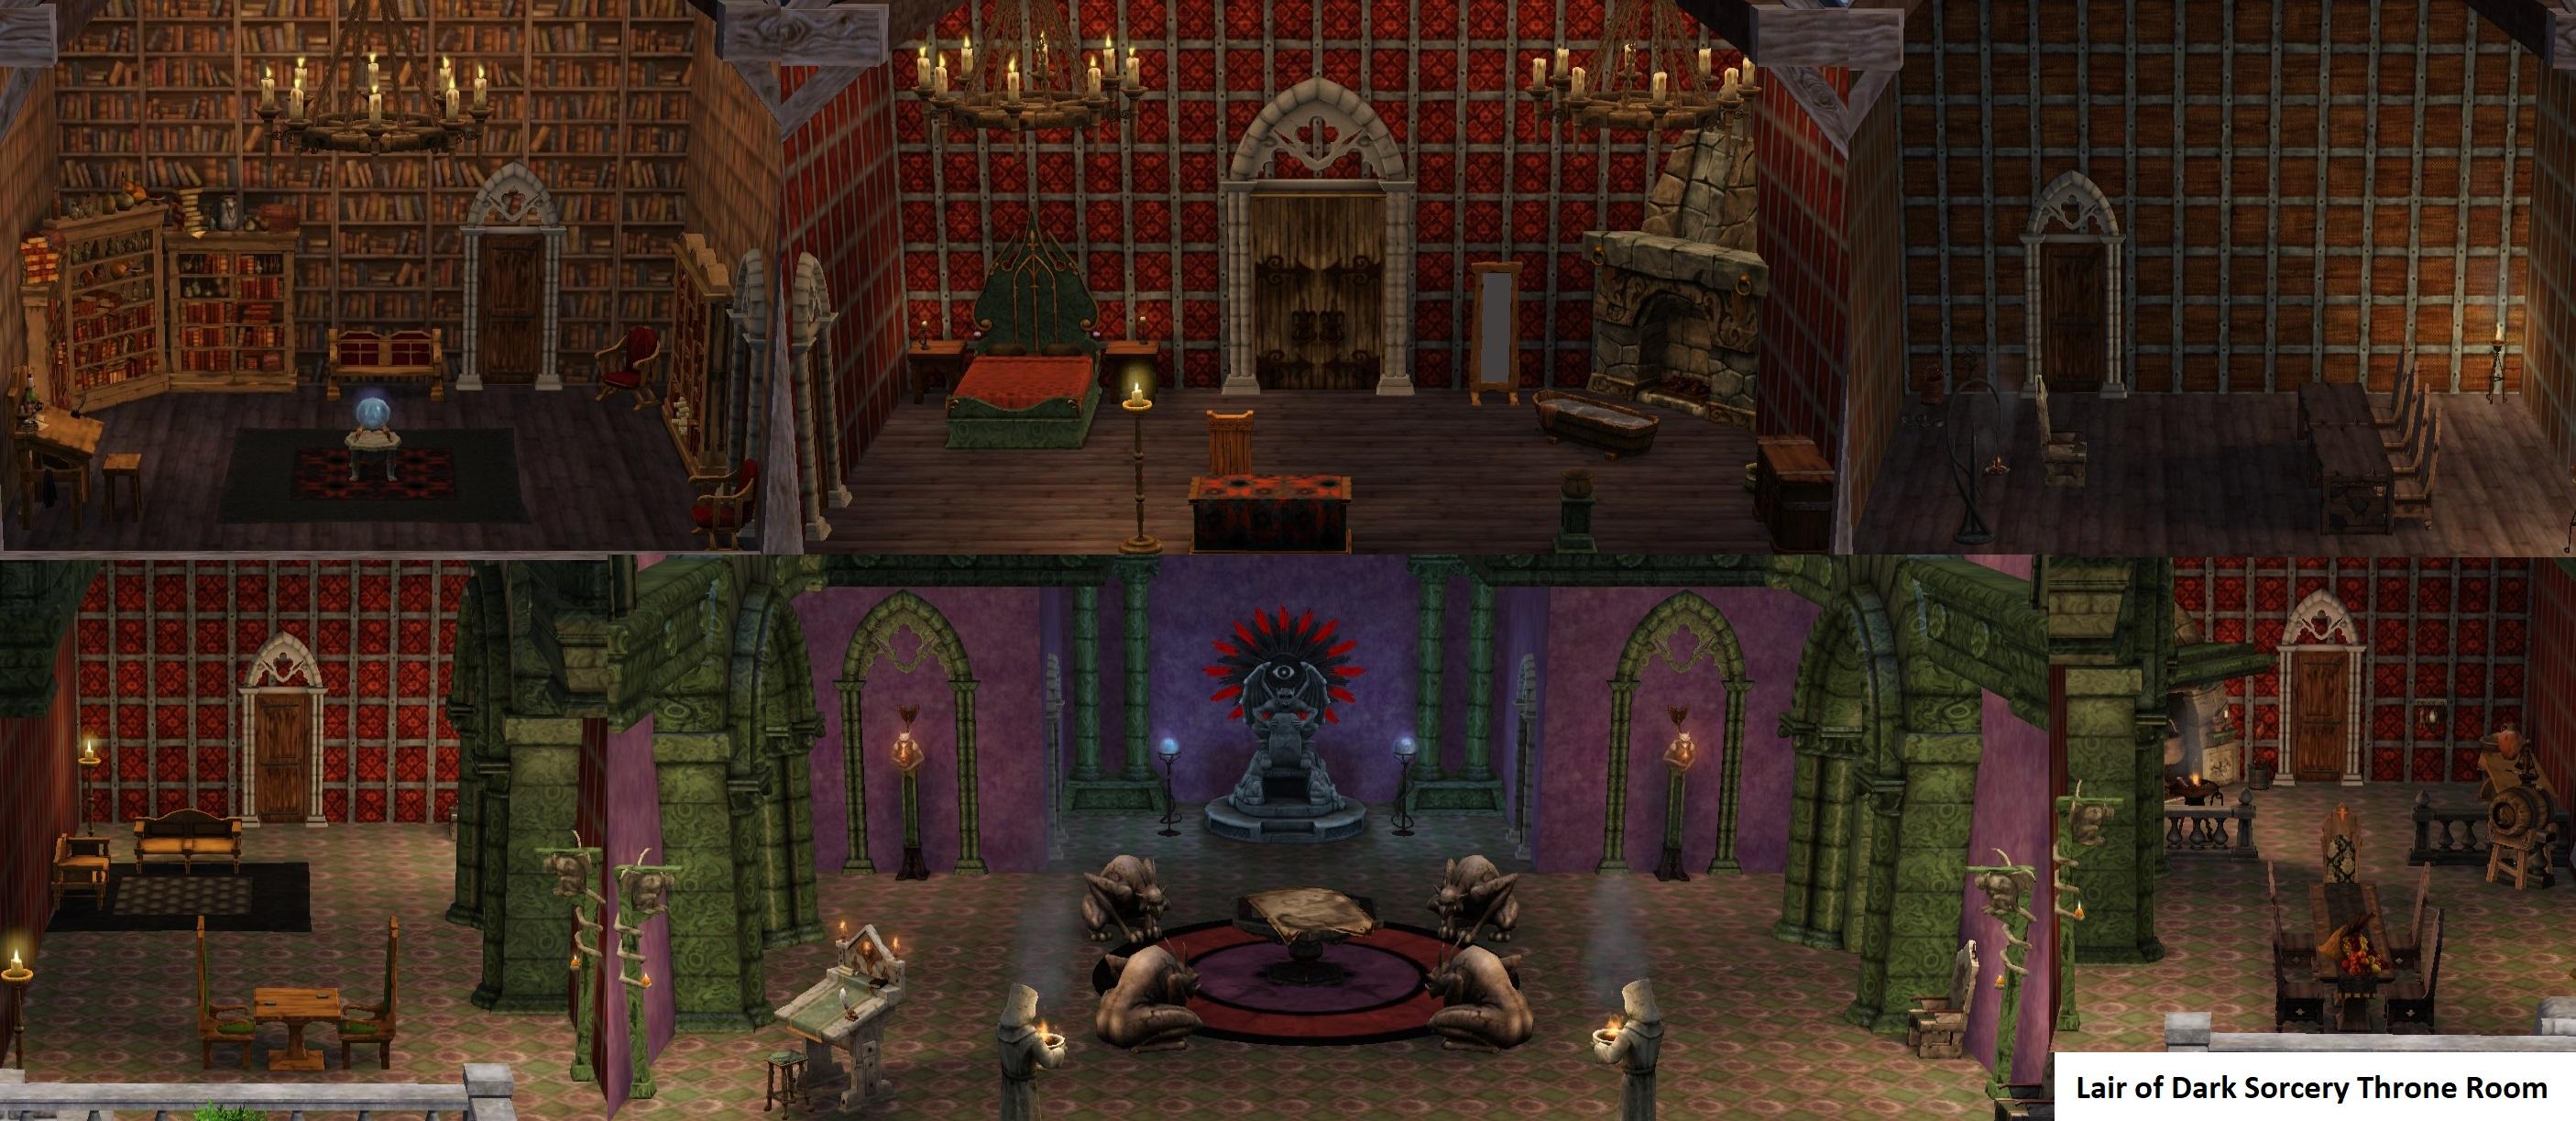 Throne Room Lair of Dark Sorcery.jpg